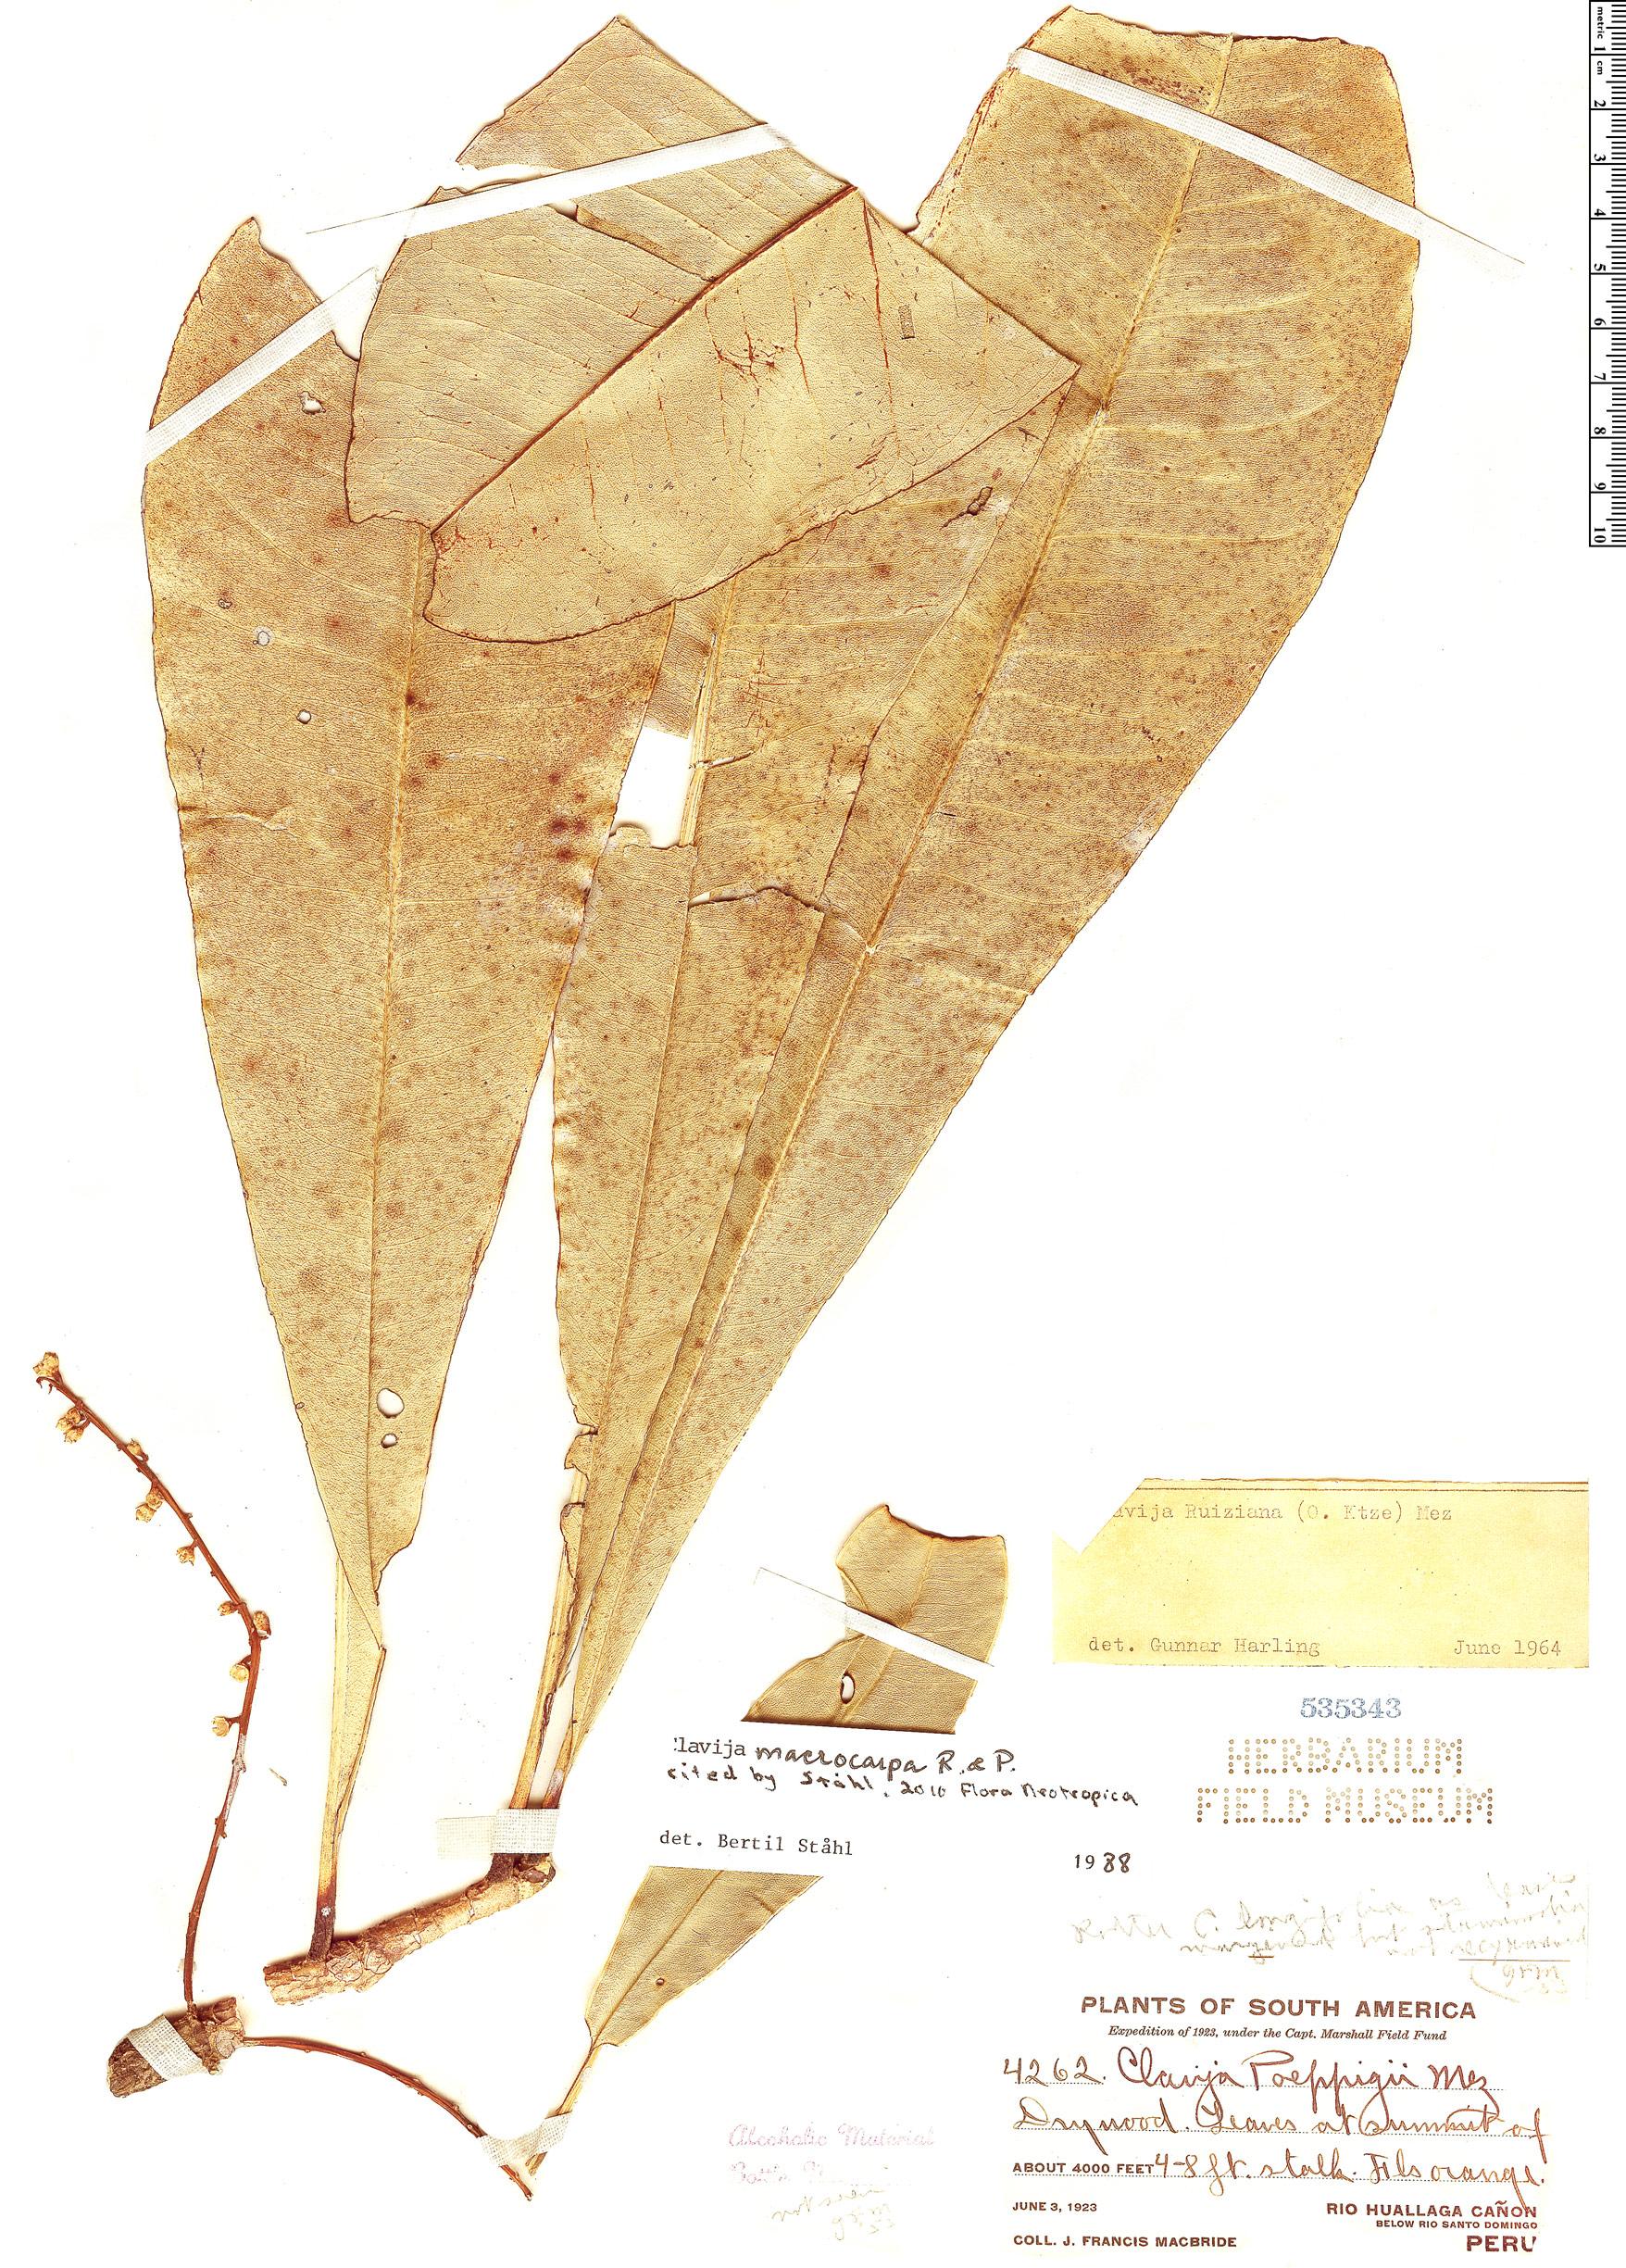 Specimen: Clavija macrocarpa